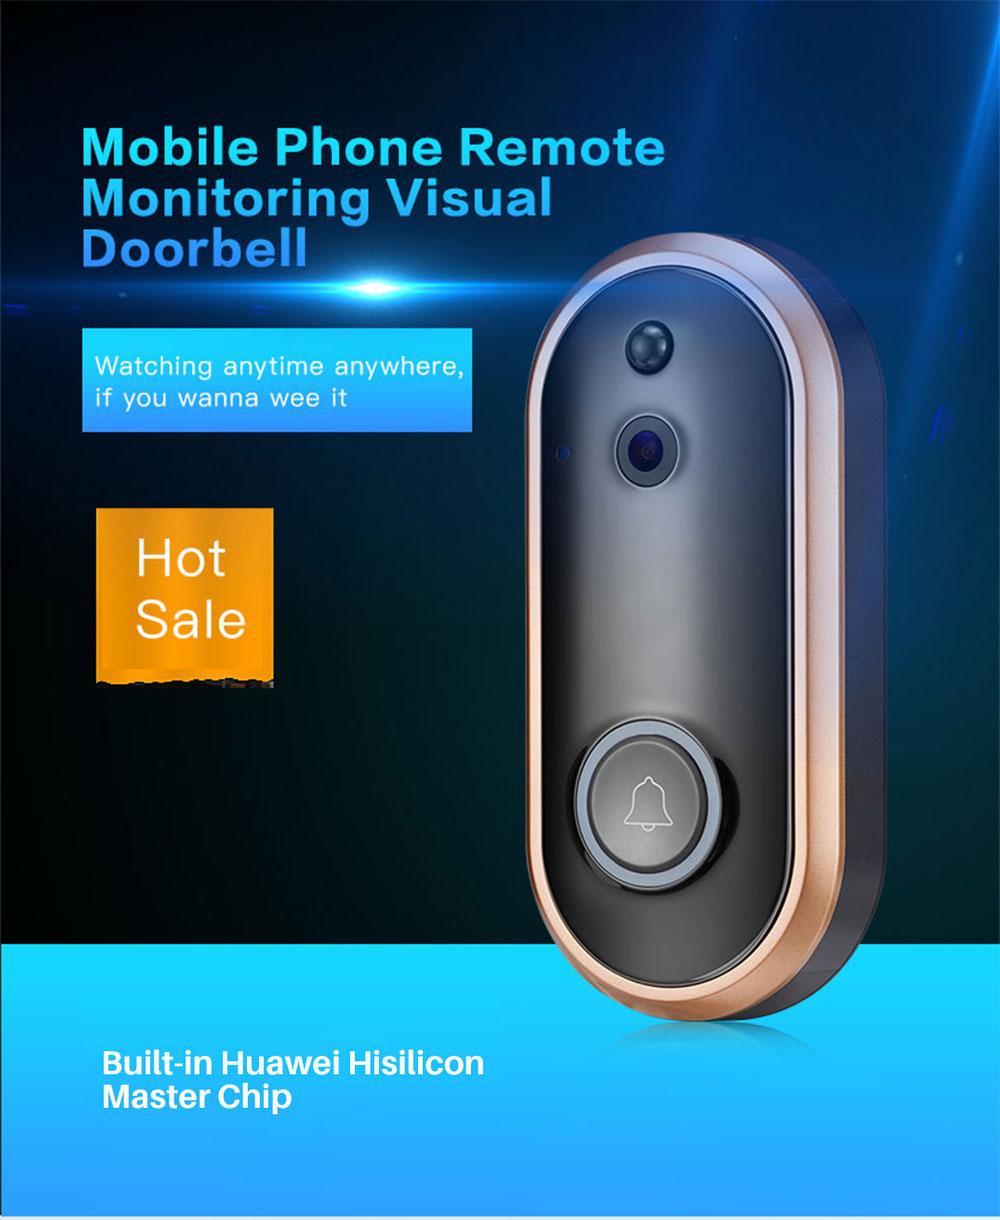 جديد 720P الفيديو الذكي الجرس اللاسلكية الأمن المنزل كاميرا 2-Way الحديث للرؤية الليلية الكشف عن البير